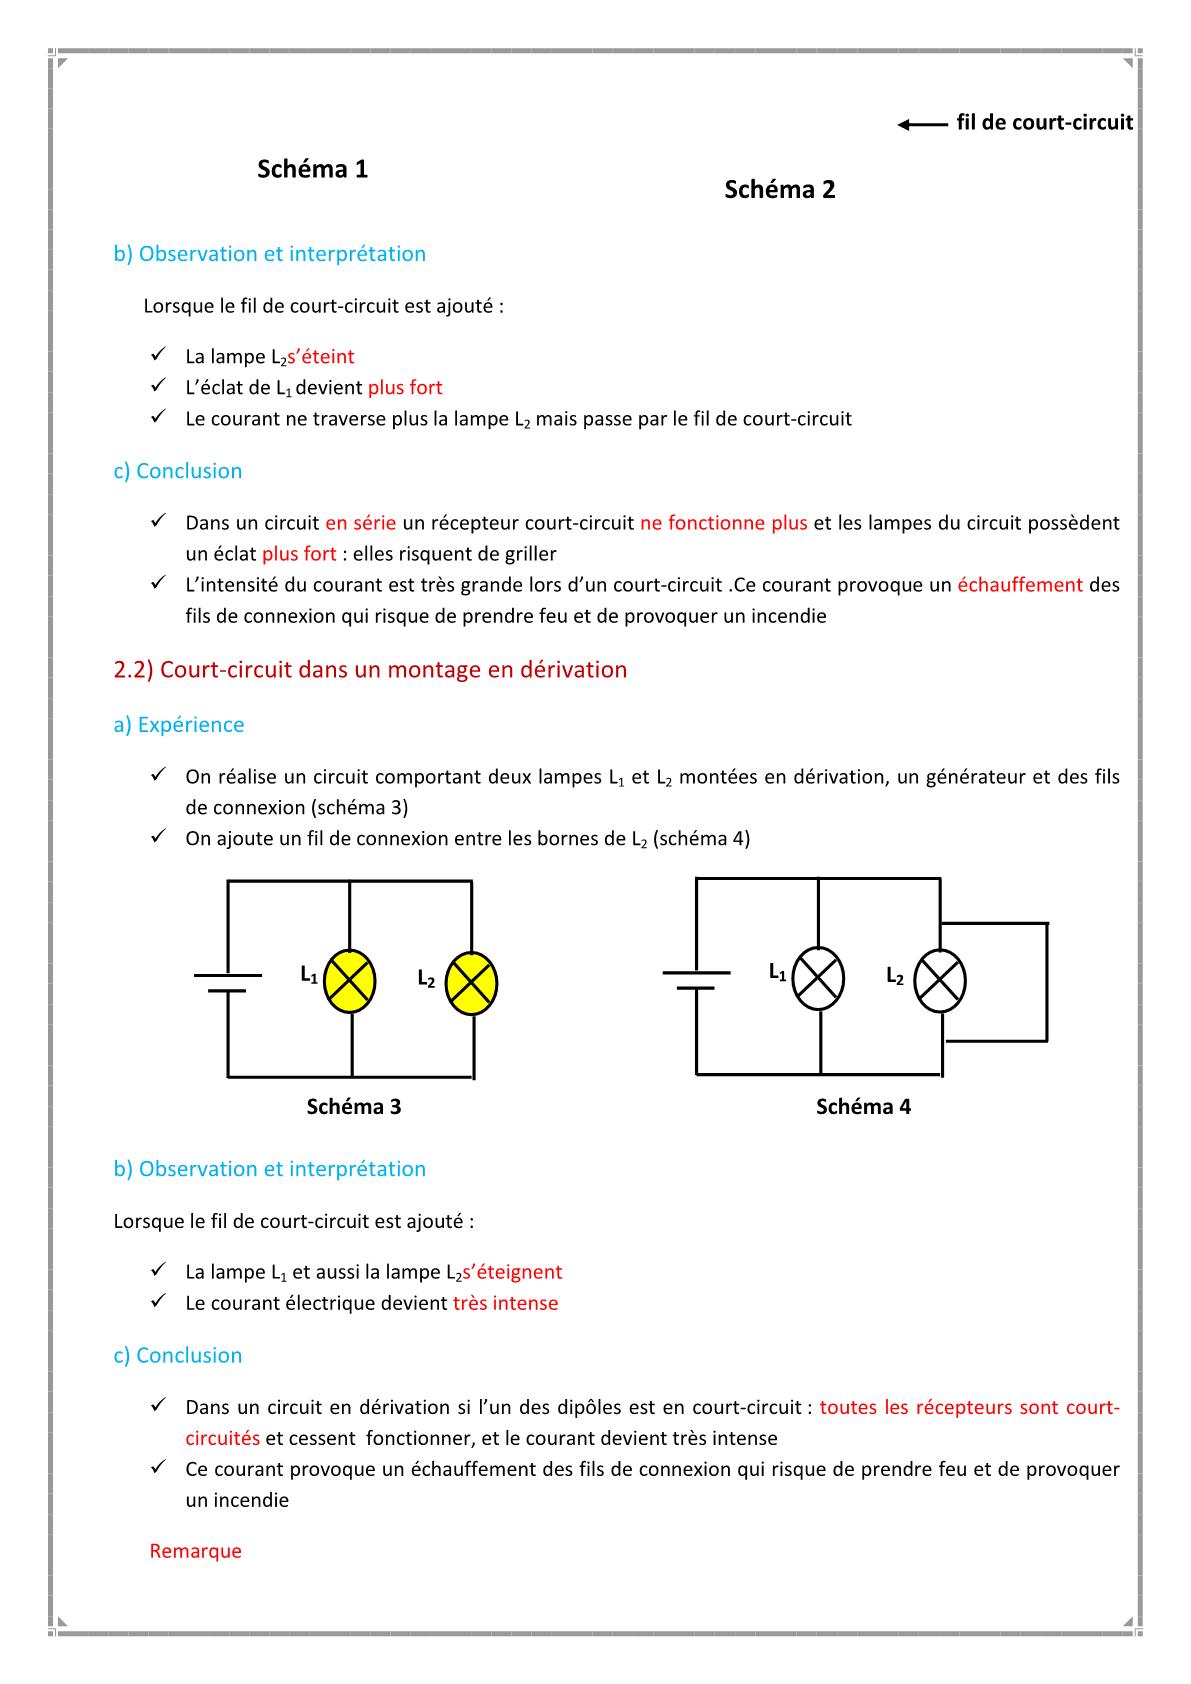 درس Prévention des dangers du courant électrique للسنة الأولى اعدادي